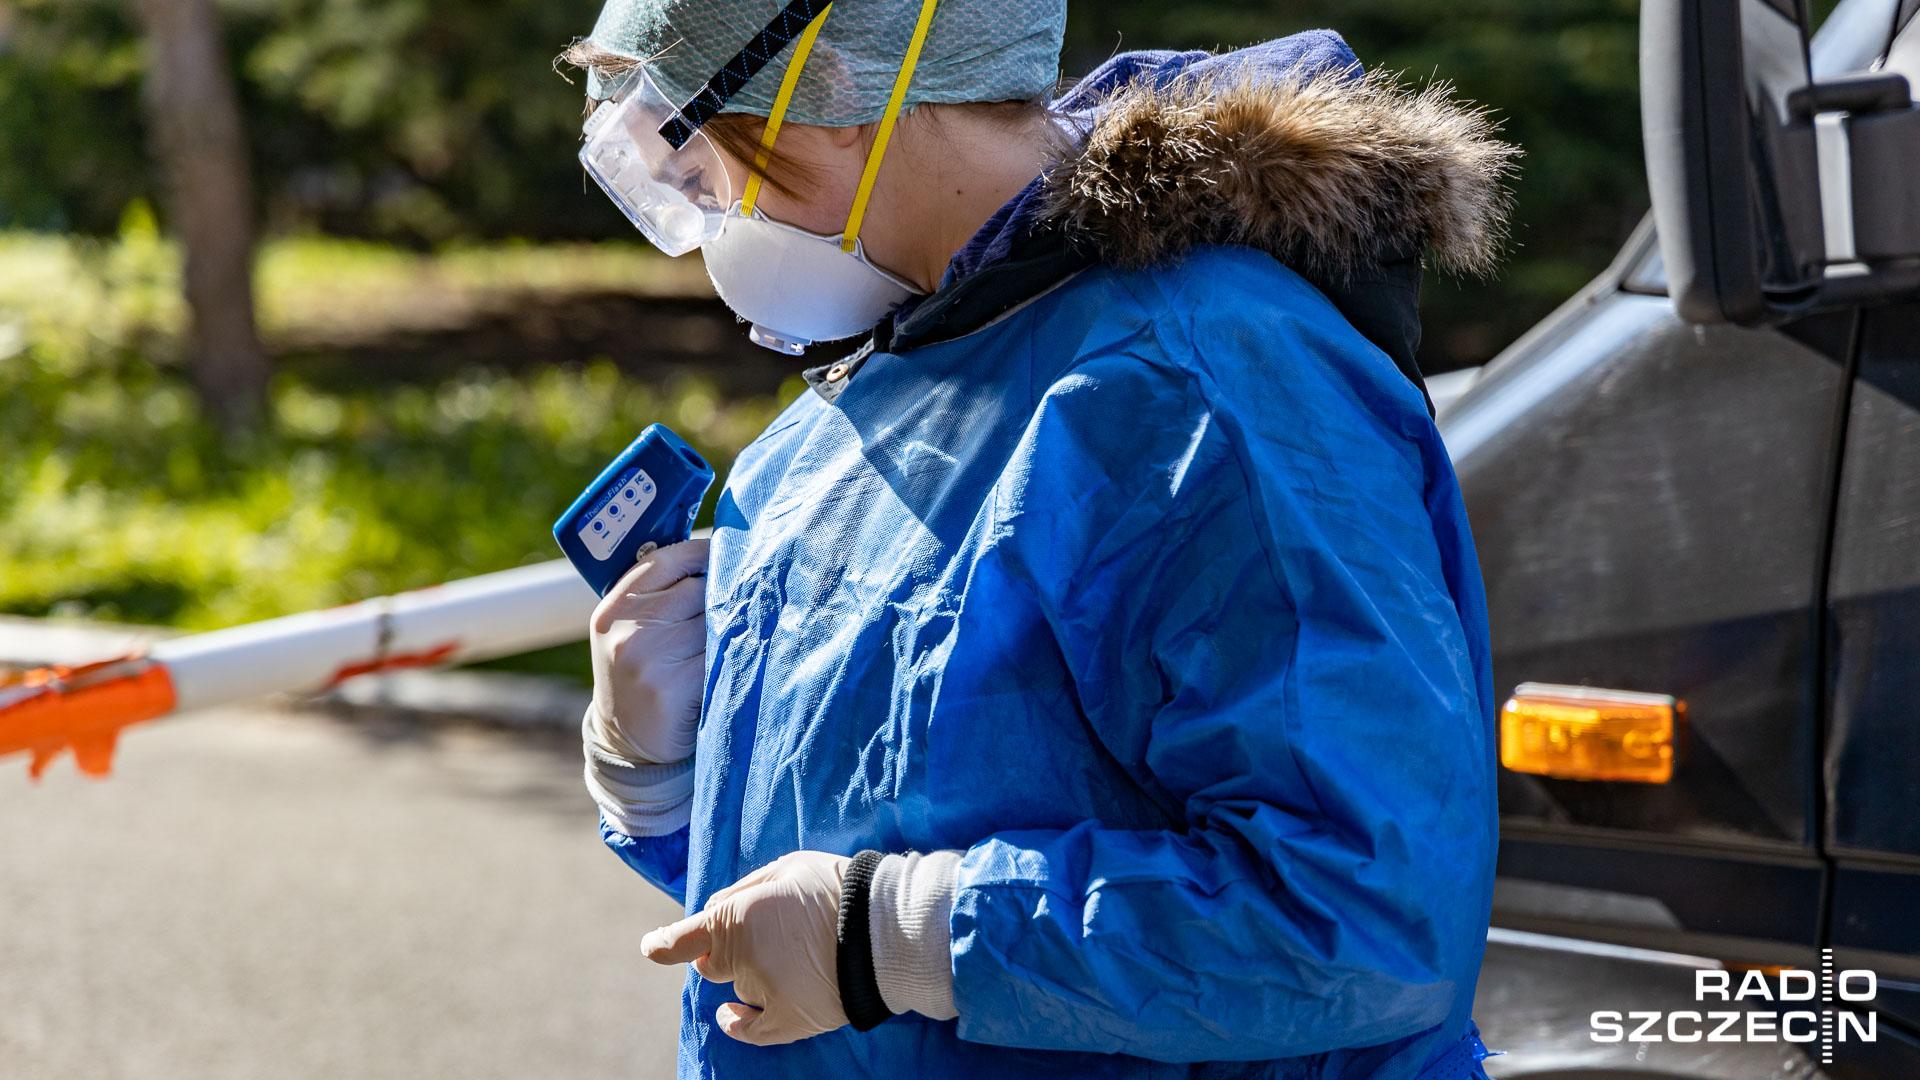 Redagowany na żywo przegląd informacji związanych z koronawirusem w Polsce.